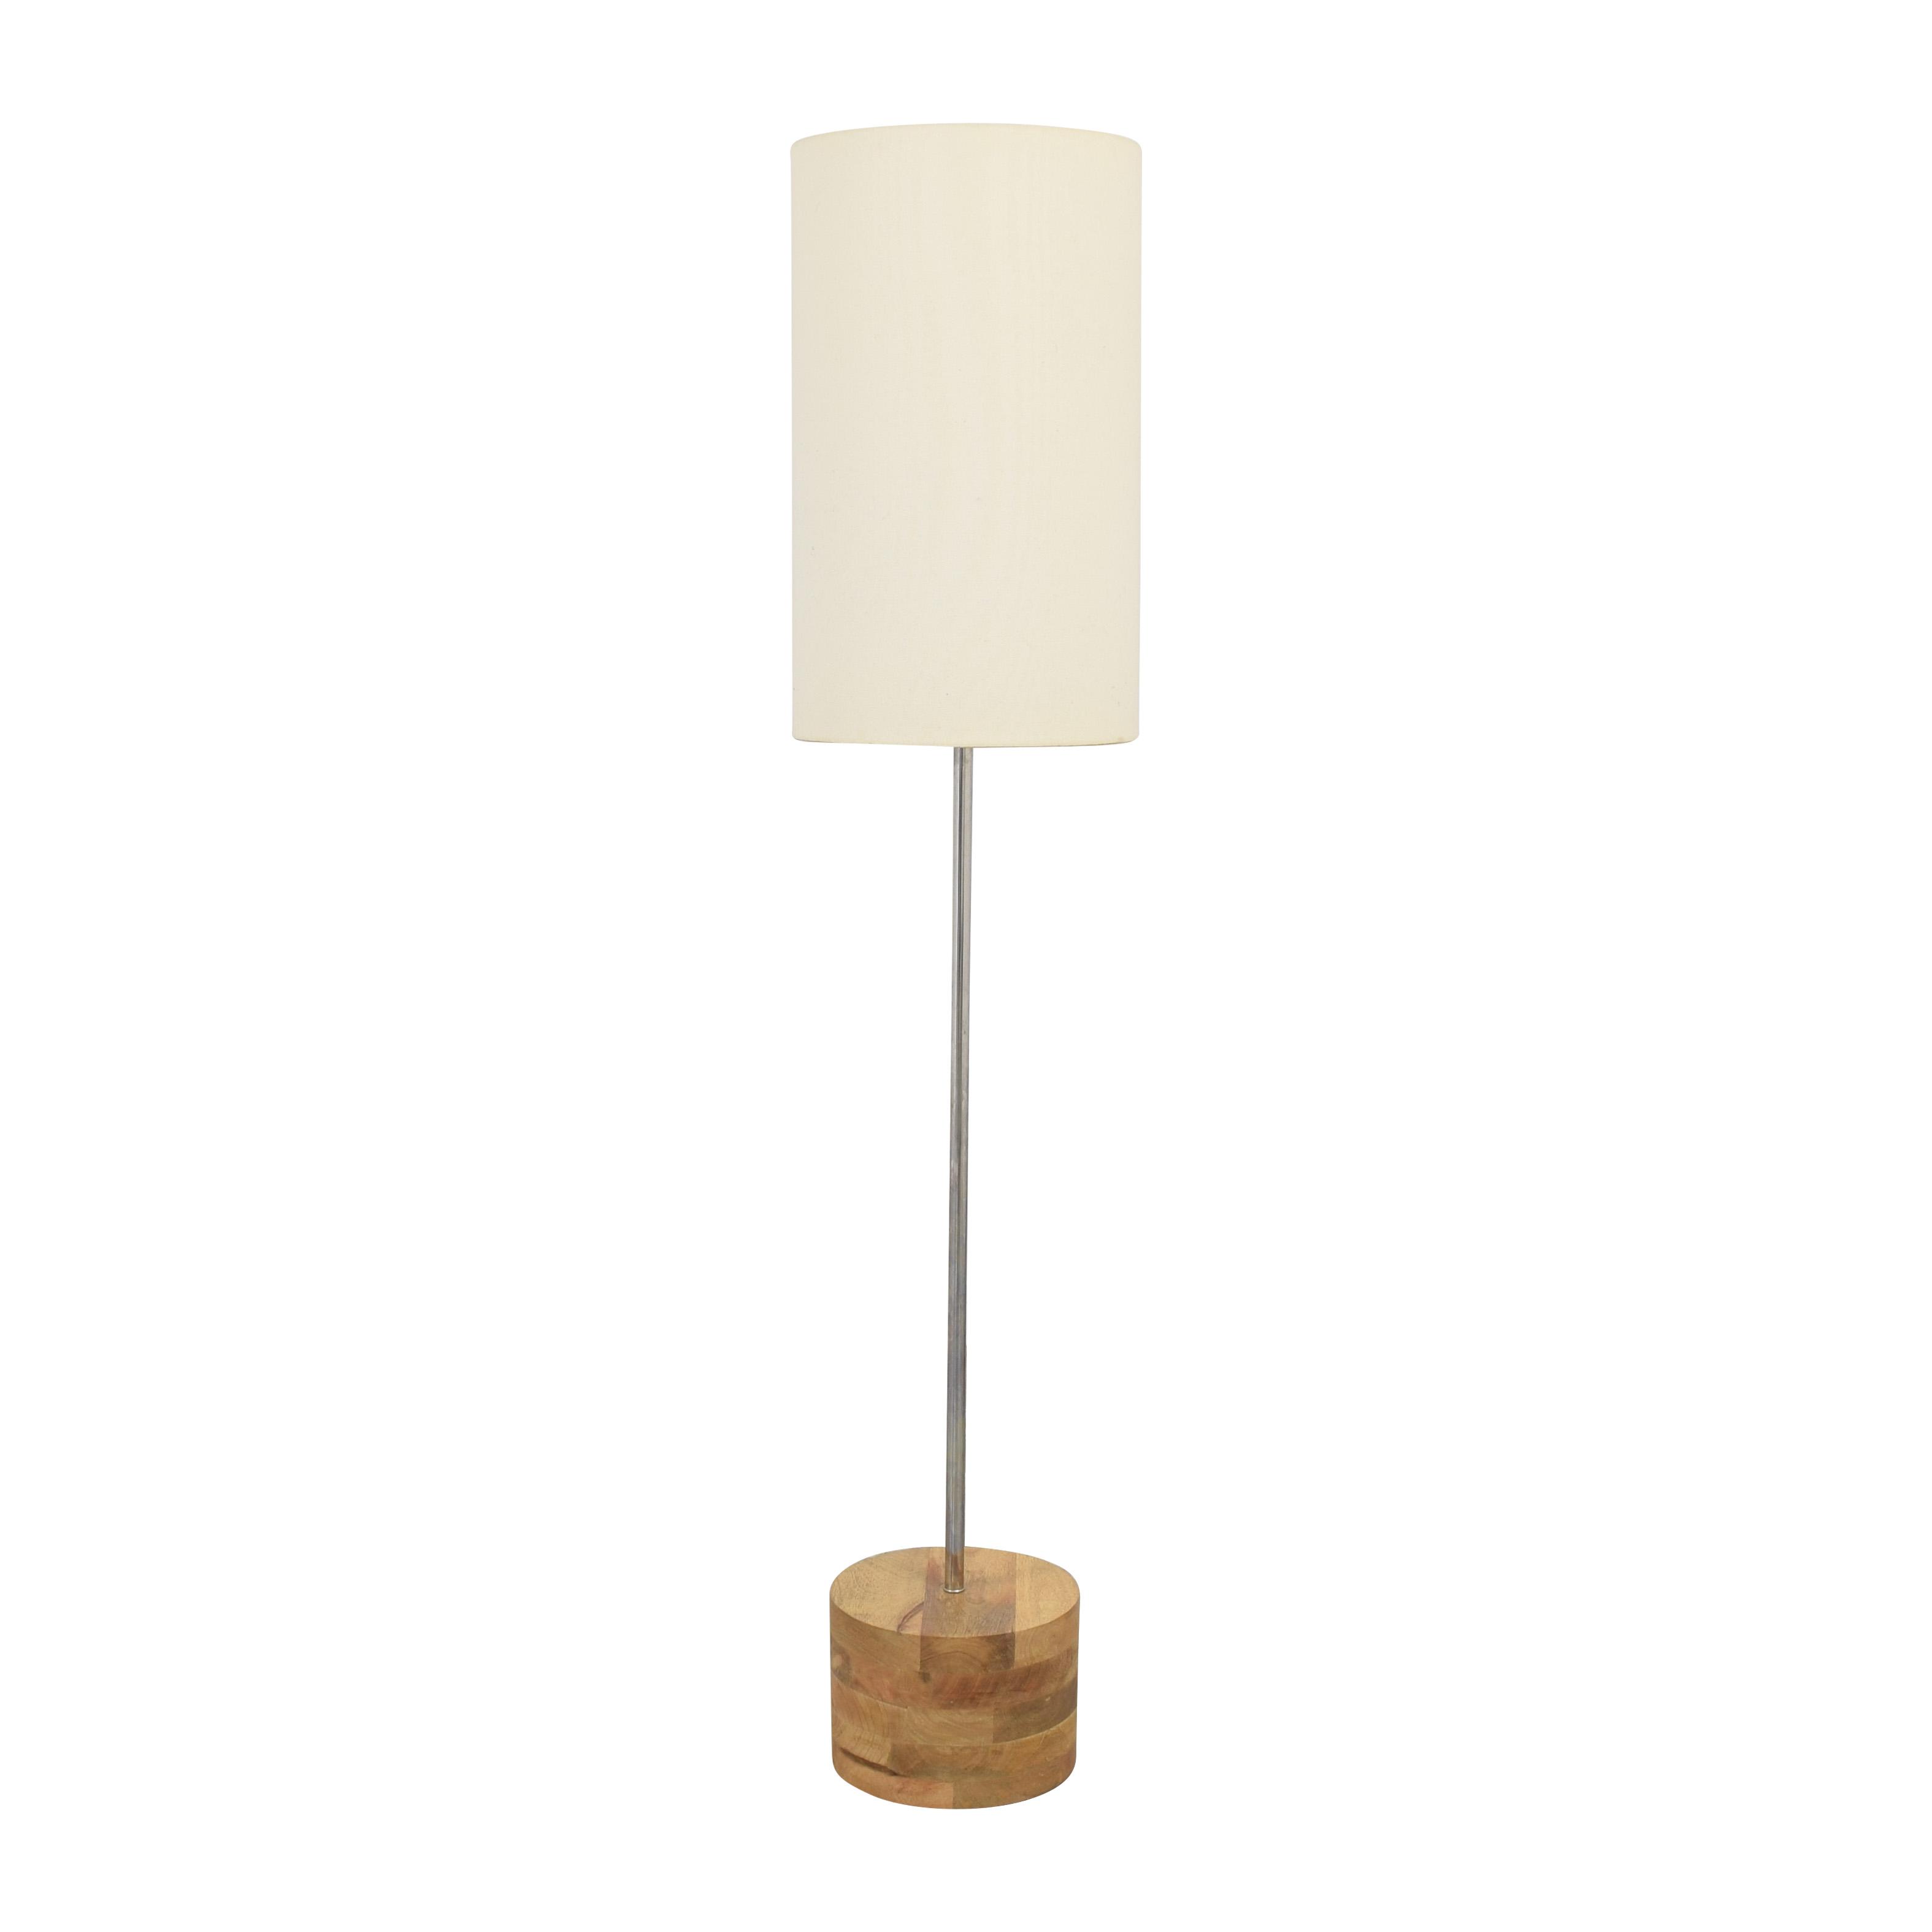 shop Crate & Barrel Tribeca Floor Lamp Crate & Barrel Lamps